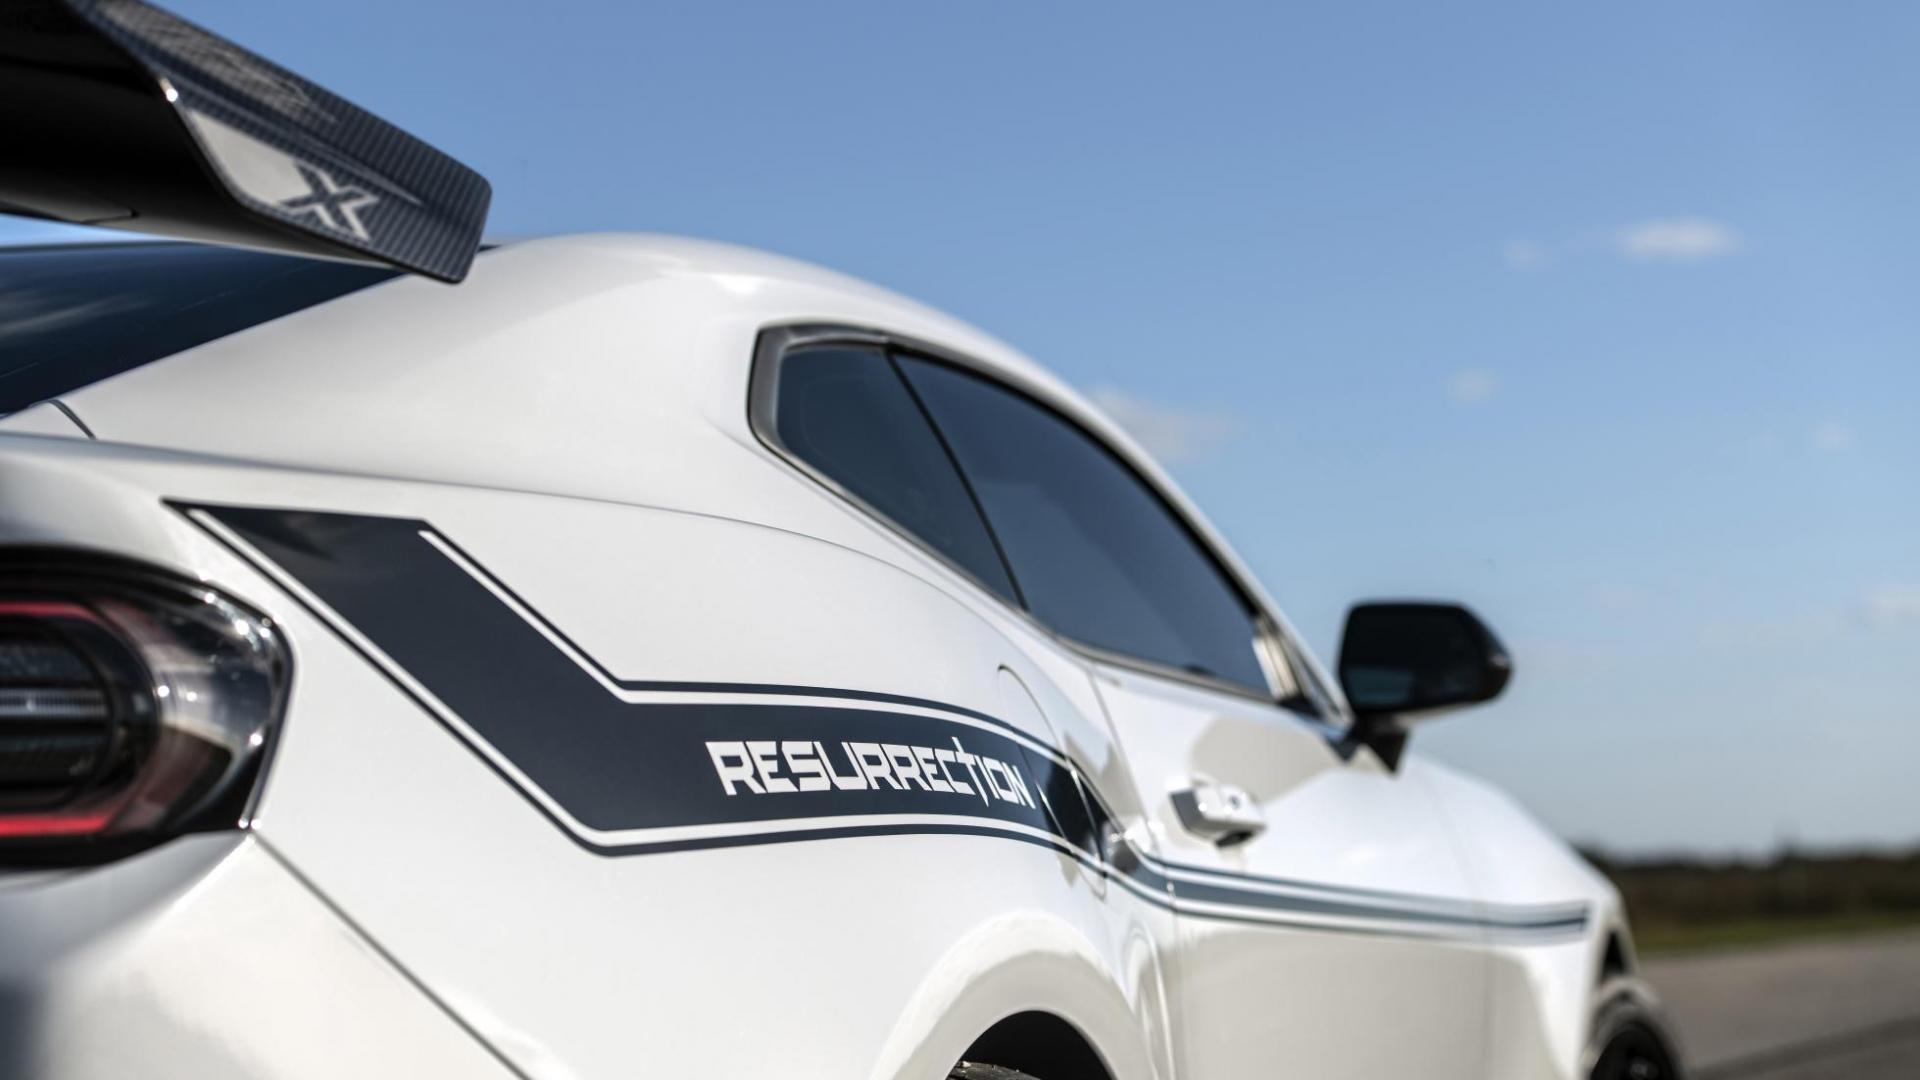 Hennessey Chevrolet Camaro Resurrection detail lijn langs auto van achter